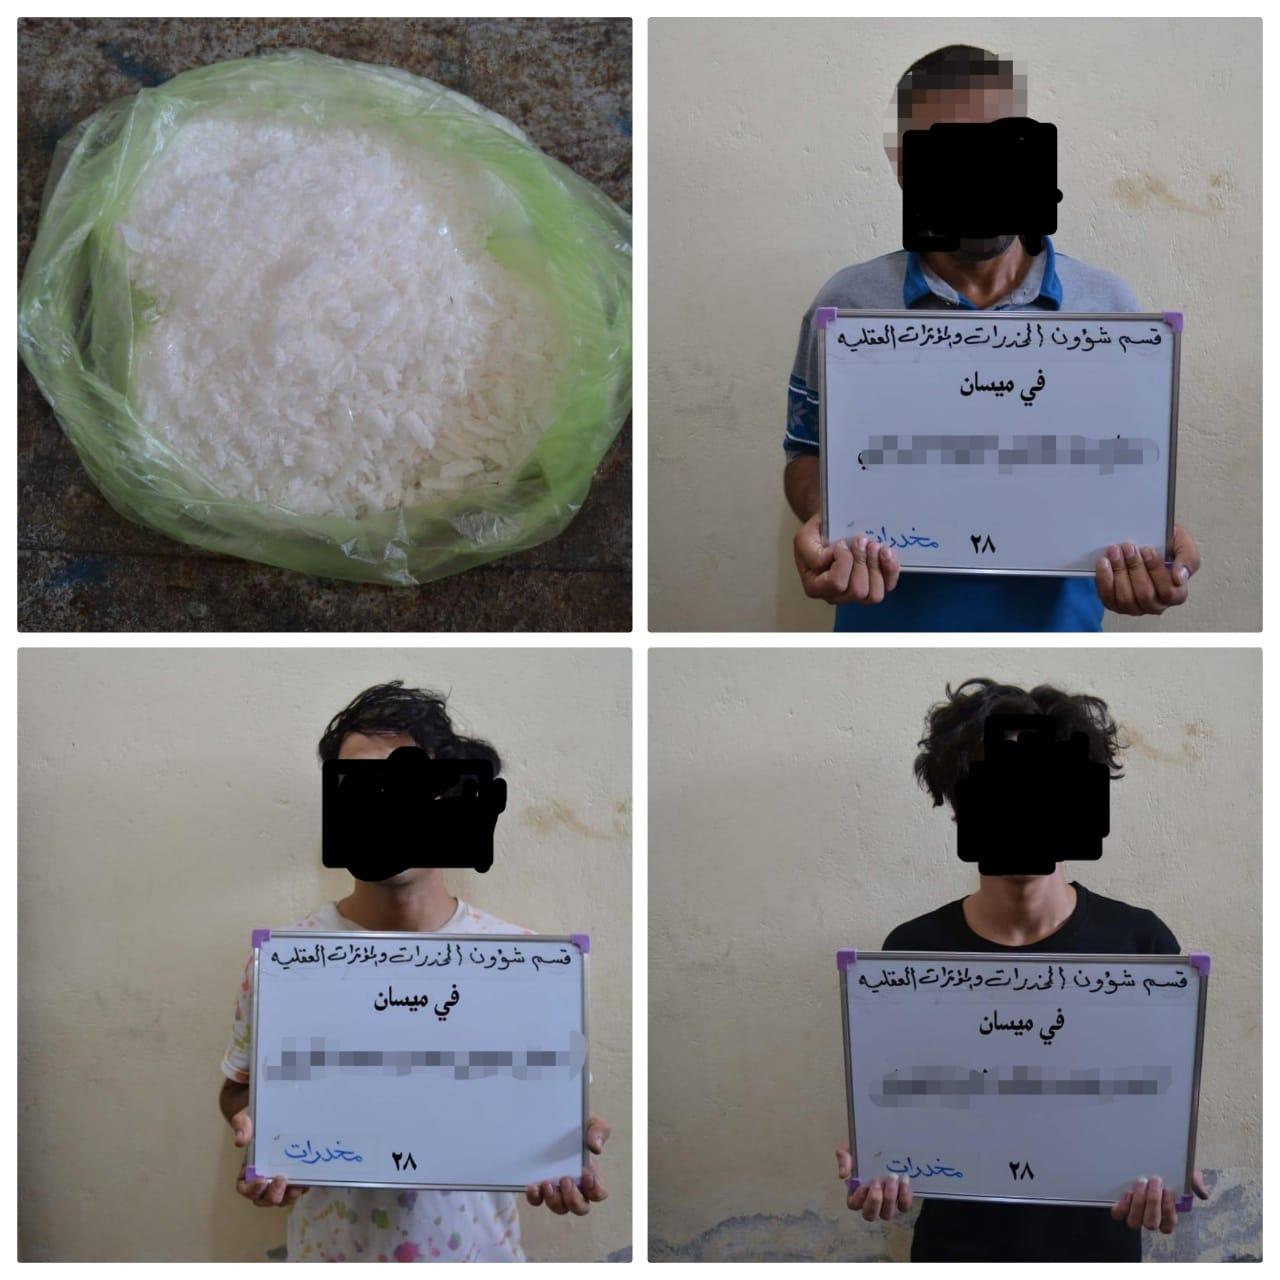 اعتقال 3 متهمين بحوزتهم كليو غرام من مادة الكرستال المخدرة بميسان